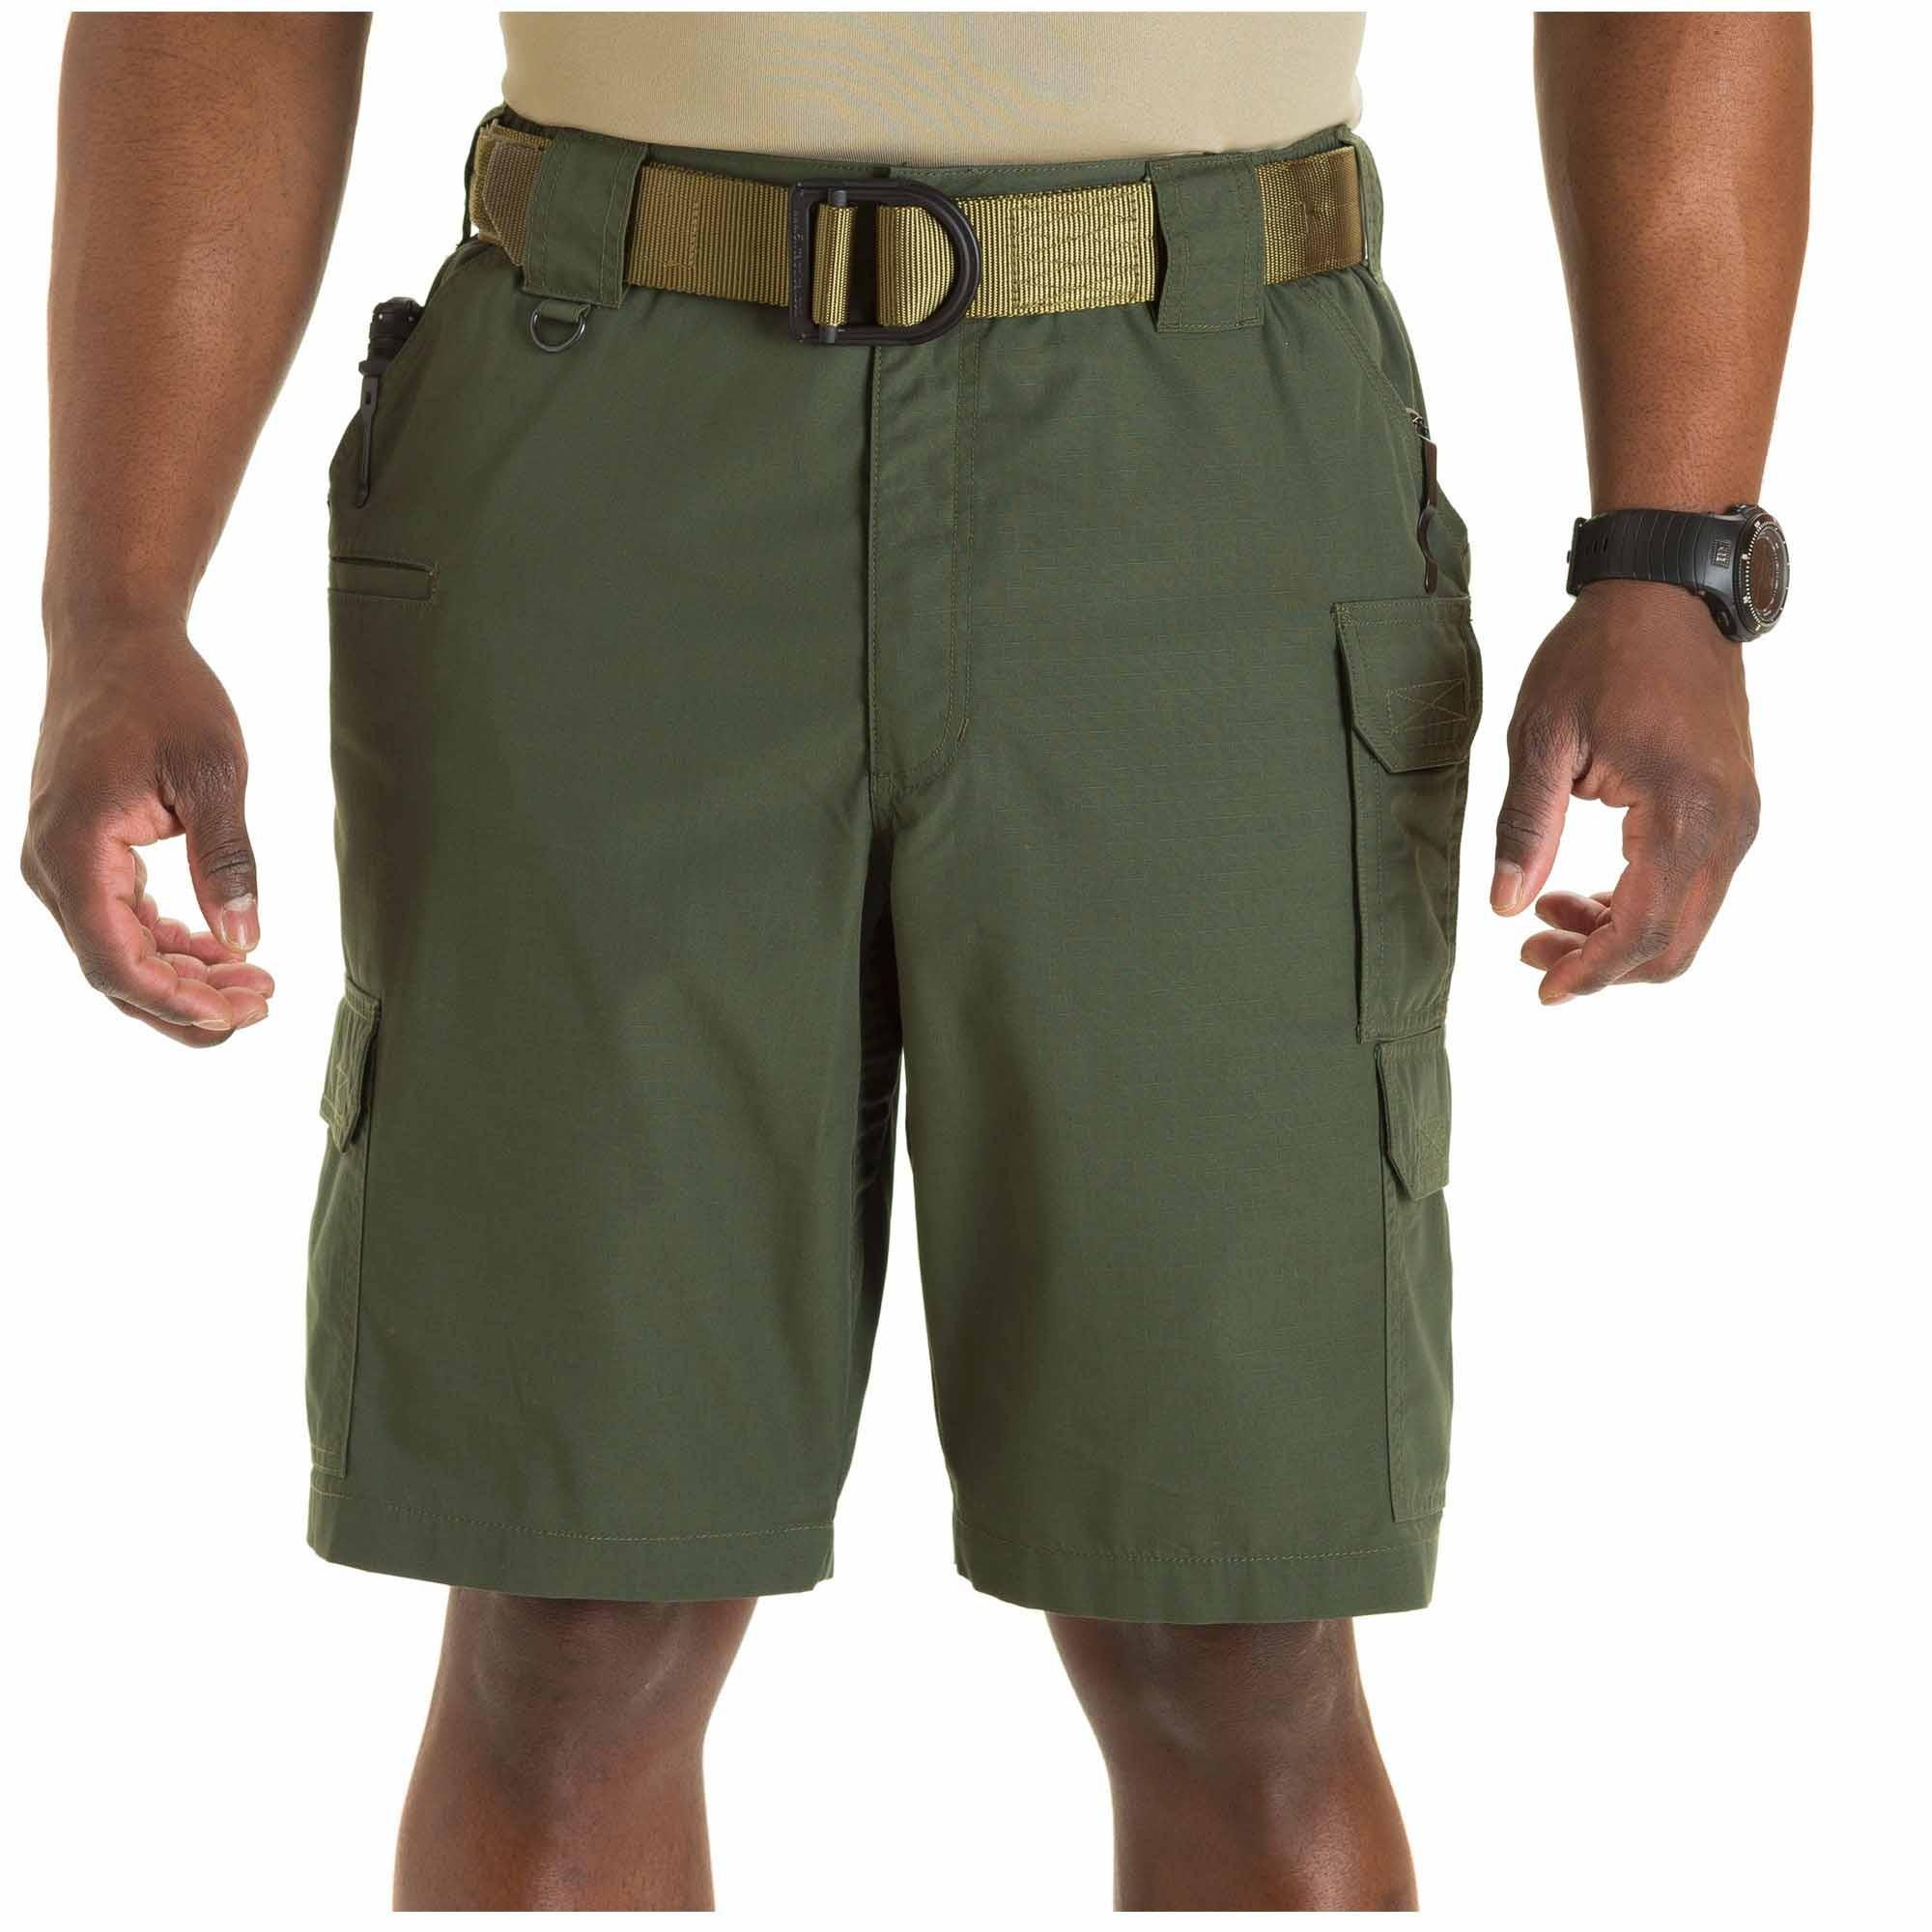 5.11 TACLITE Shorts